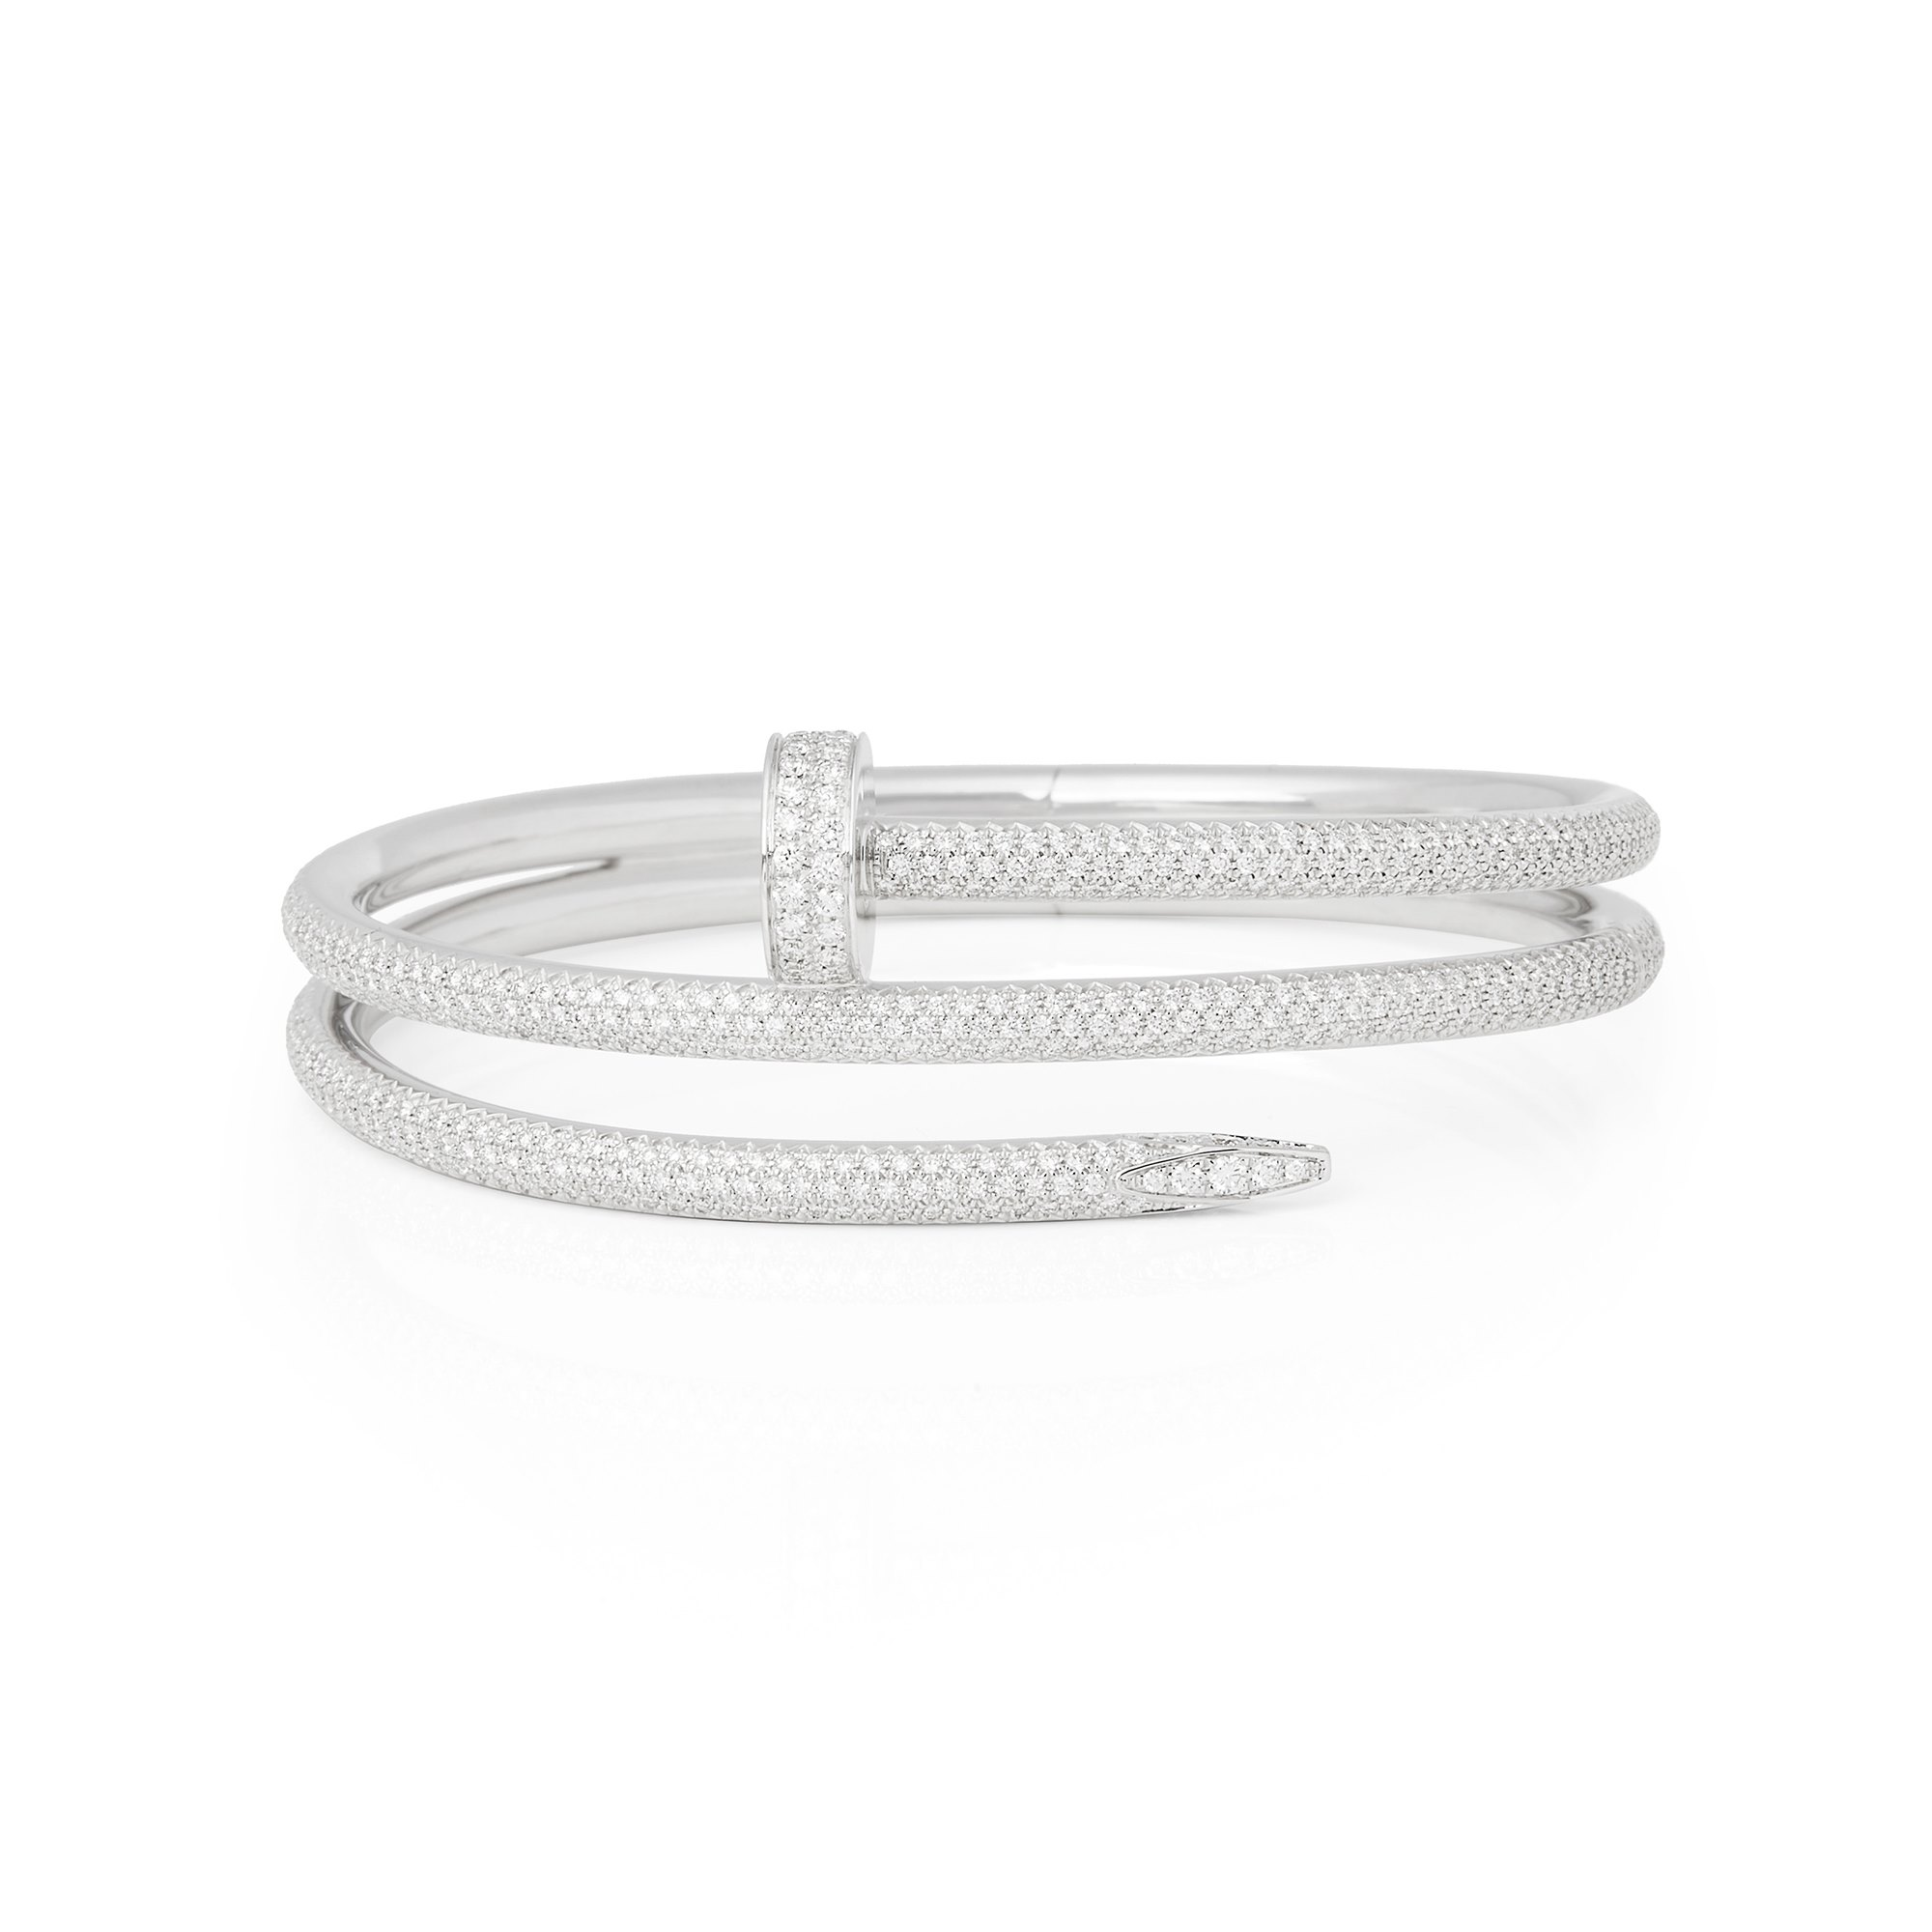 Cartier 18k White Gold Juste Un Clou Diamond Bracelet